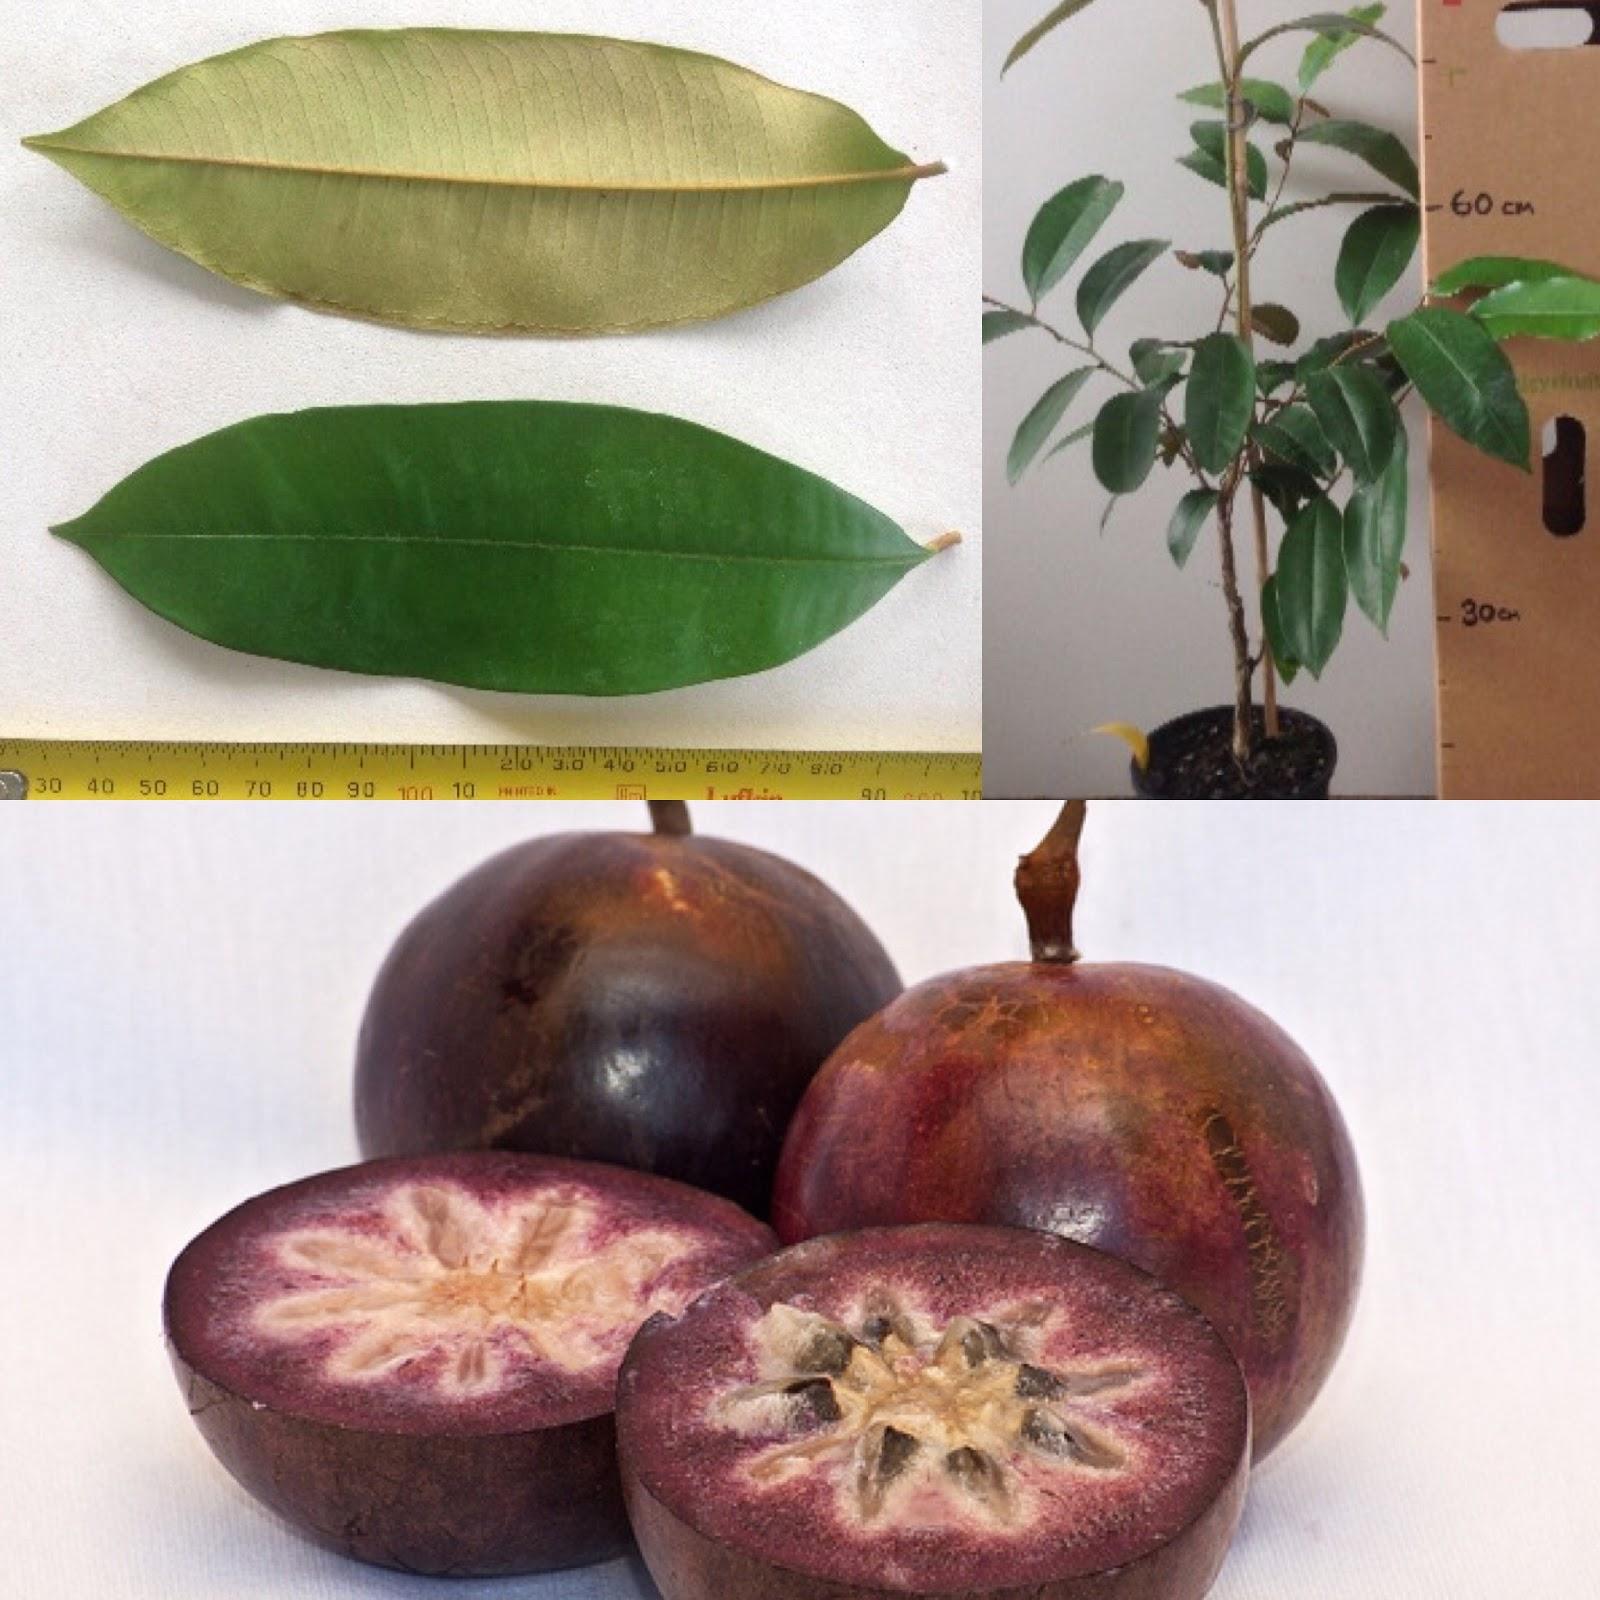 Daleys fruit tree blog star apple fruit tree for sale for Fruit trees for sale